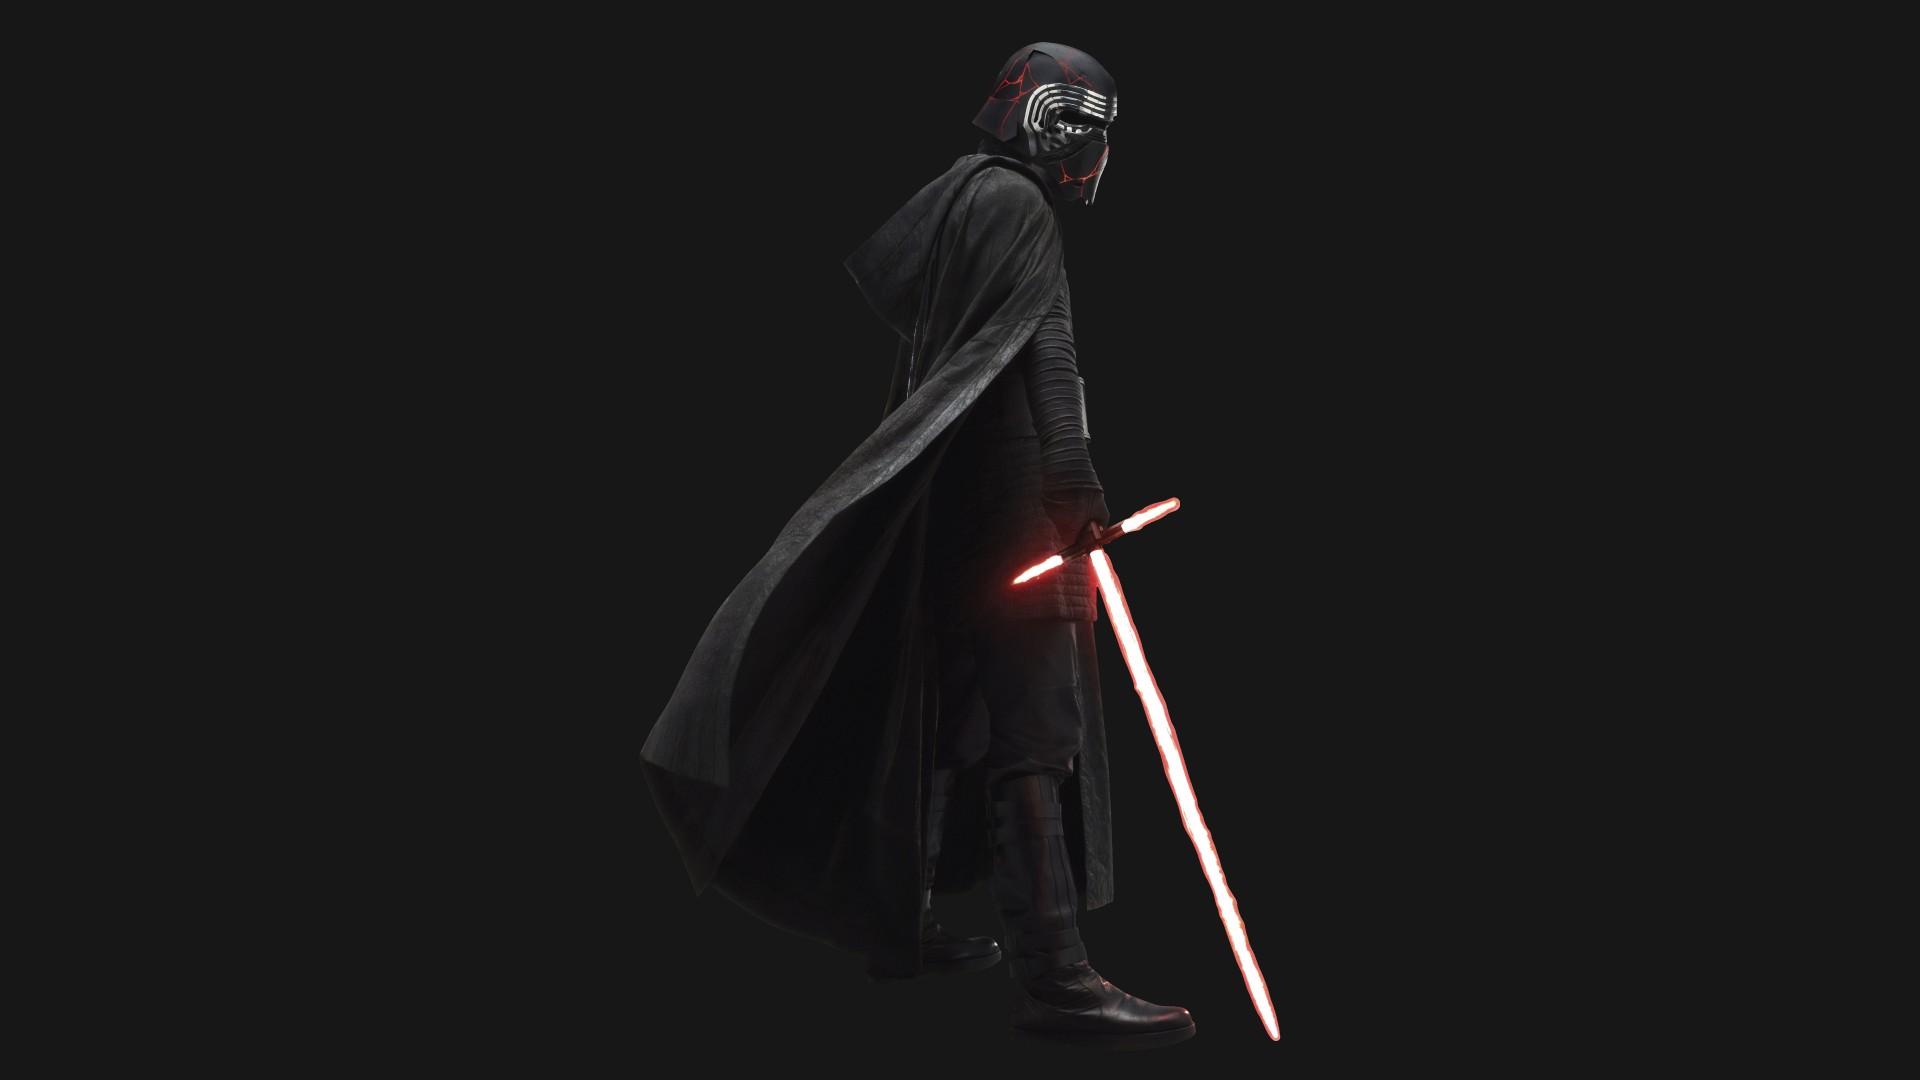 Last Jedi Wallpaper Iphone X Kylo Ren In Star Wars The Rise Of Skywalker 2019 4k 8k